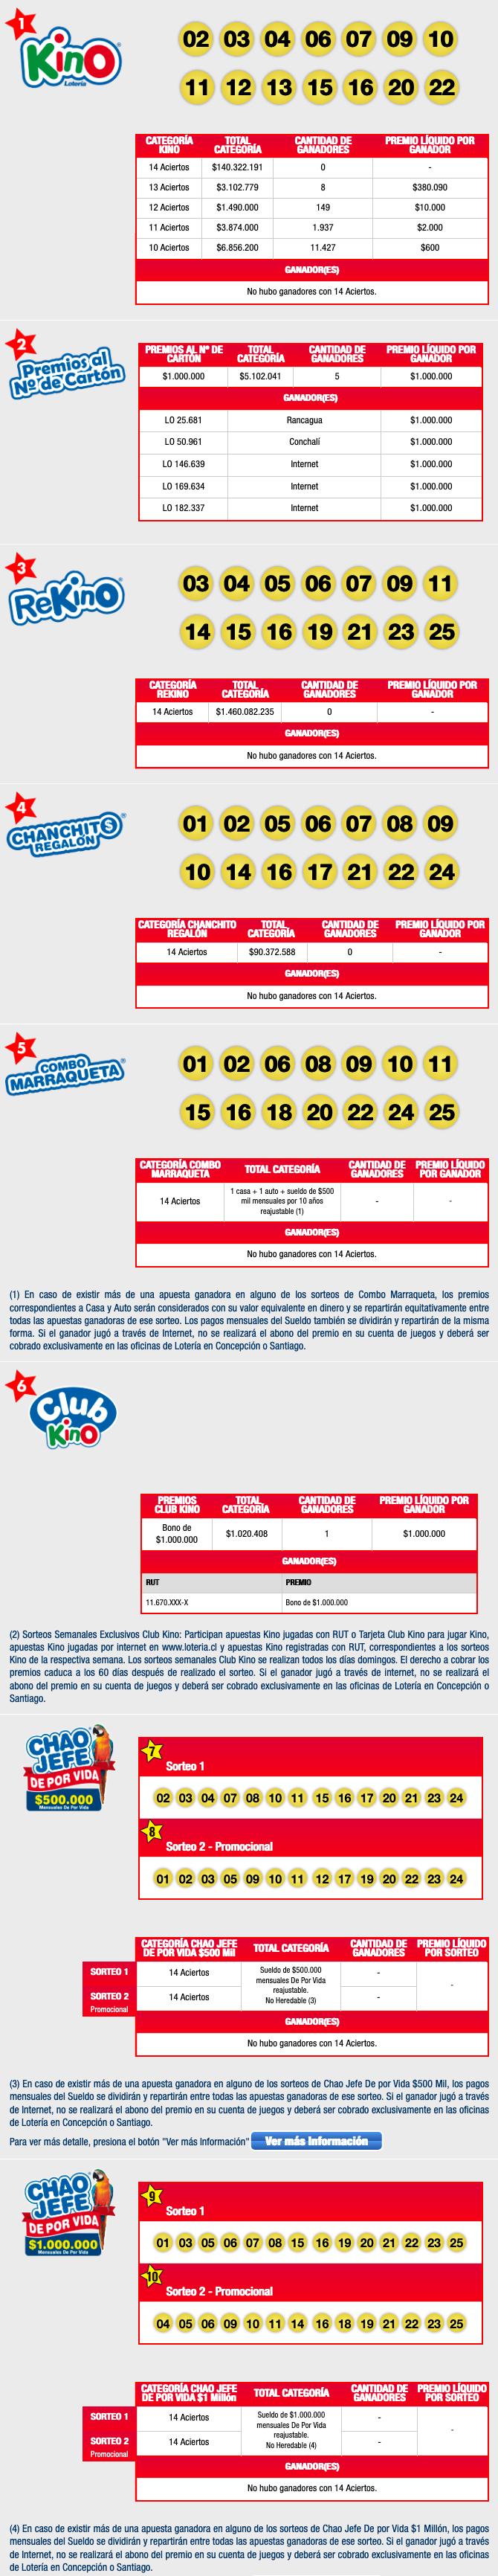 Resultados Kino Chile Sorteo 2292